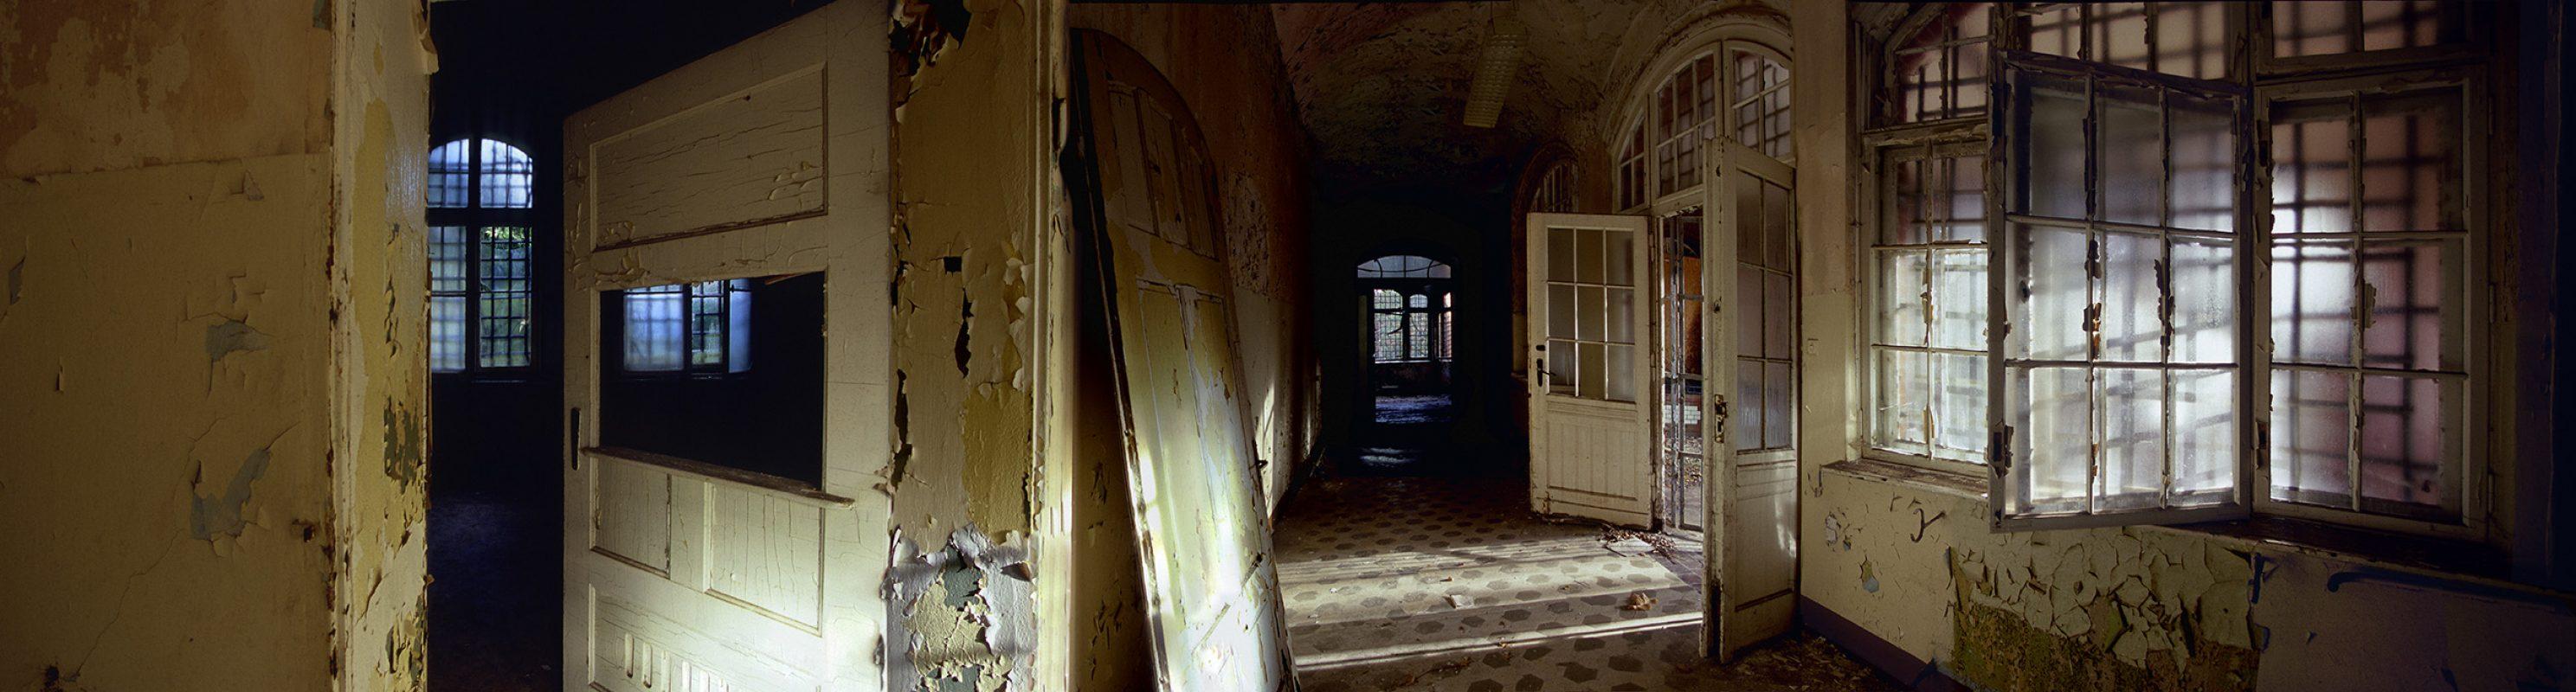 Beelitz-Heilstätten, Weisses fenster